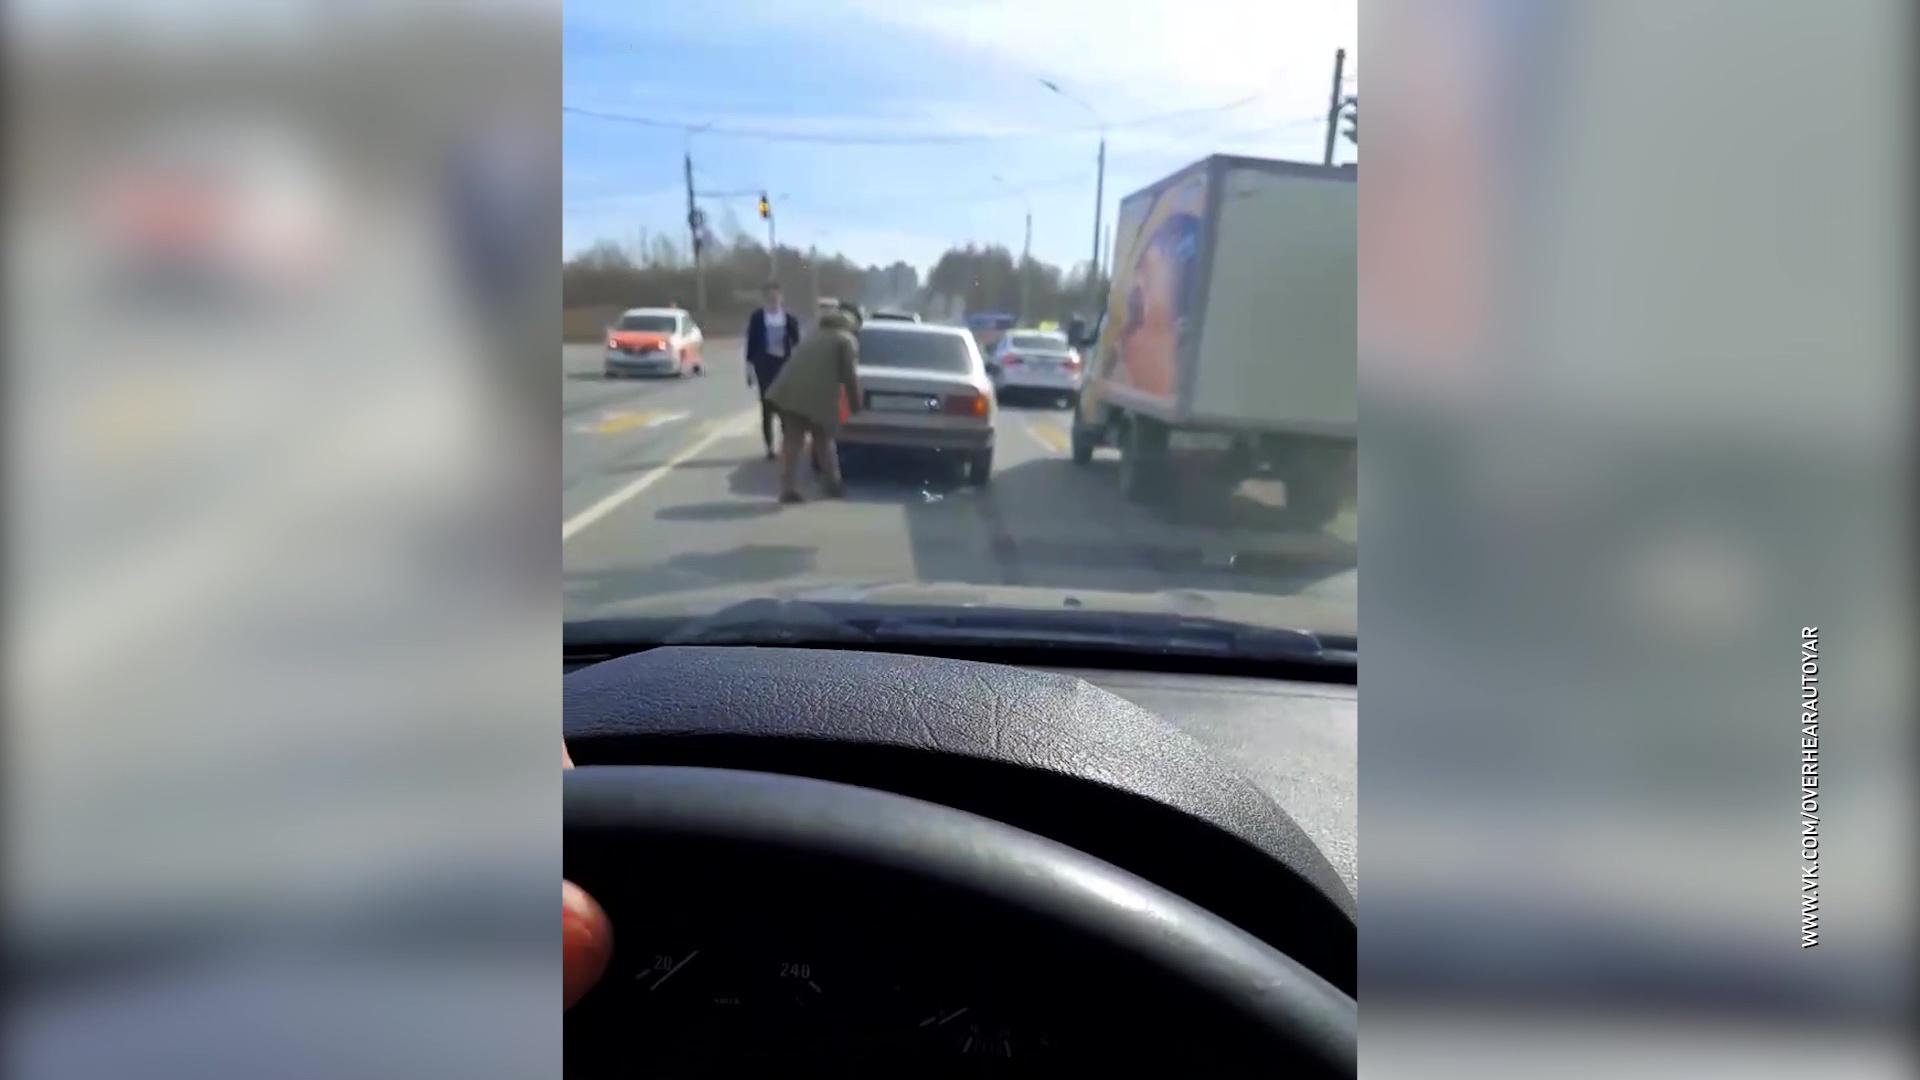 В Ярославле водитель нарушил дистанцию и устроил ДТП